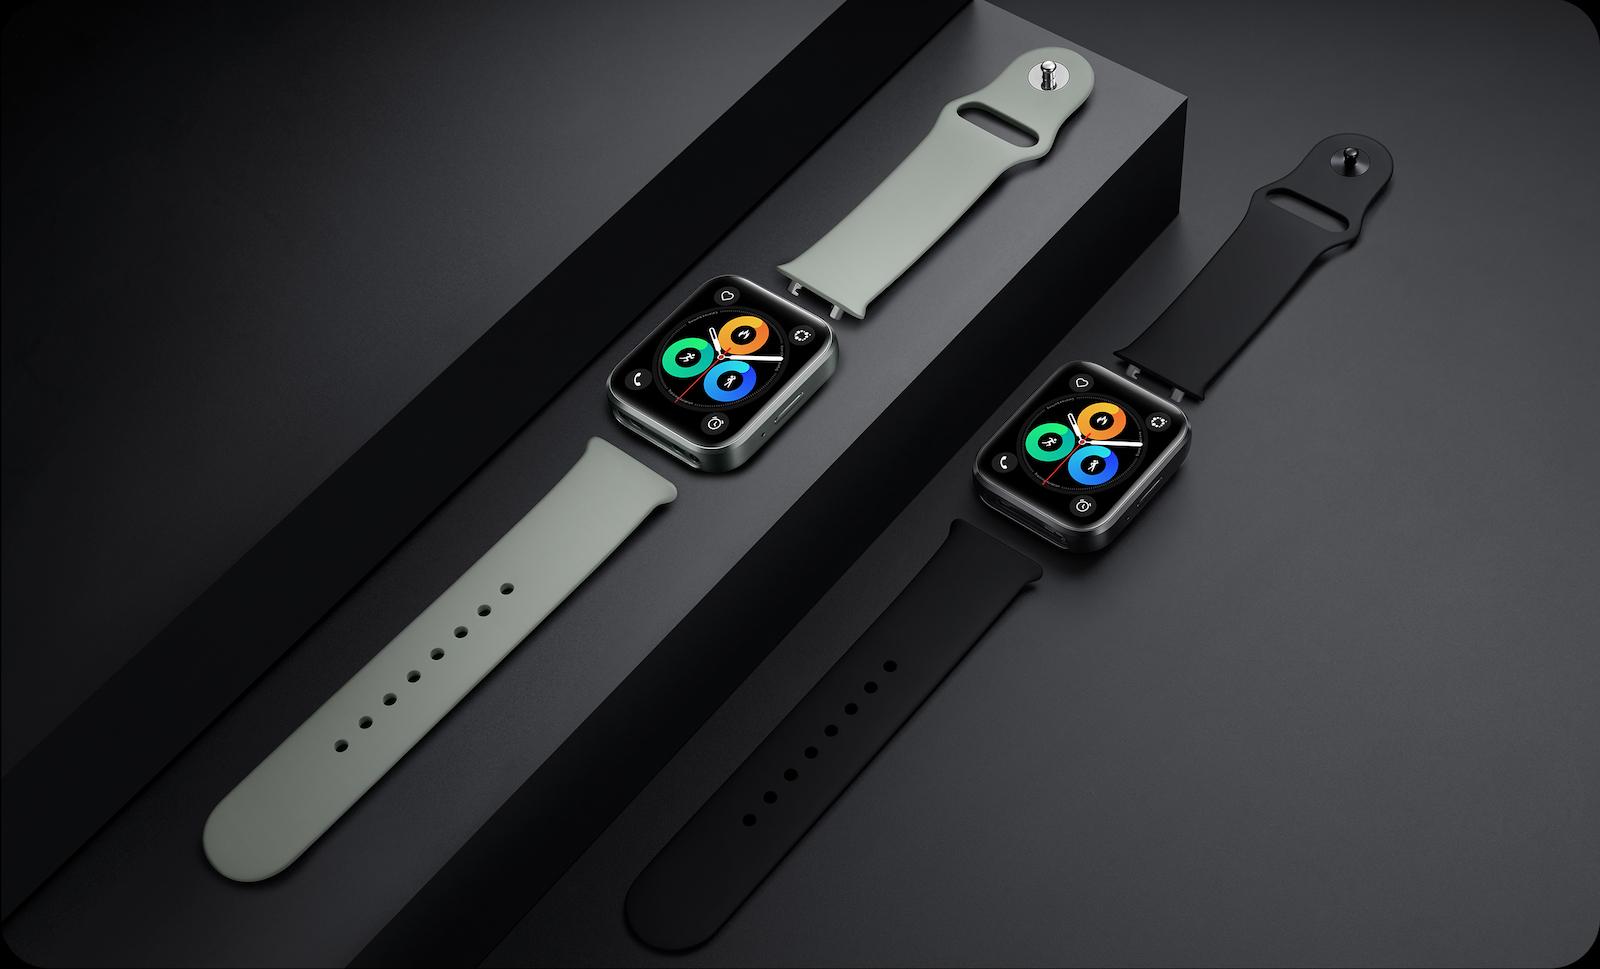 Meizu ra mắt smartwatch đầu tiên với thiết kế nhái Apple Watch, giá 5.4 triệu đồng - Ảnh 2.